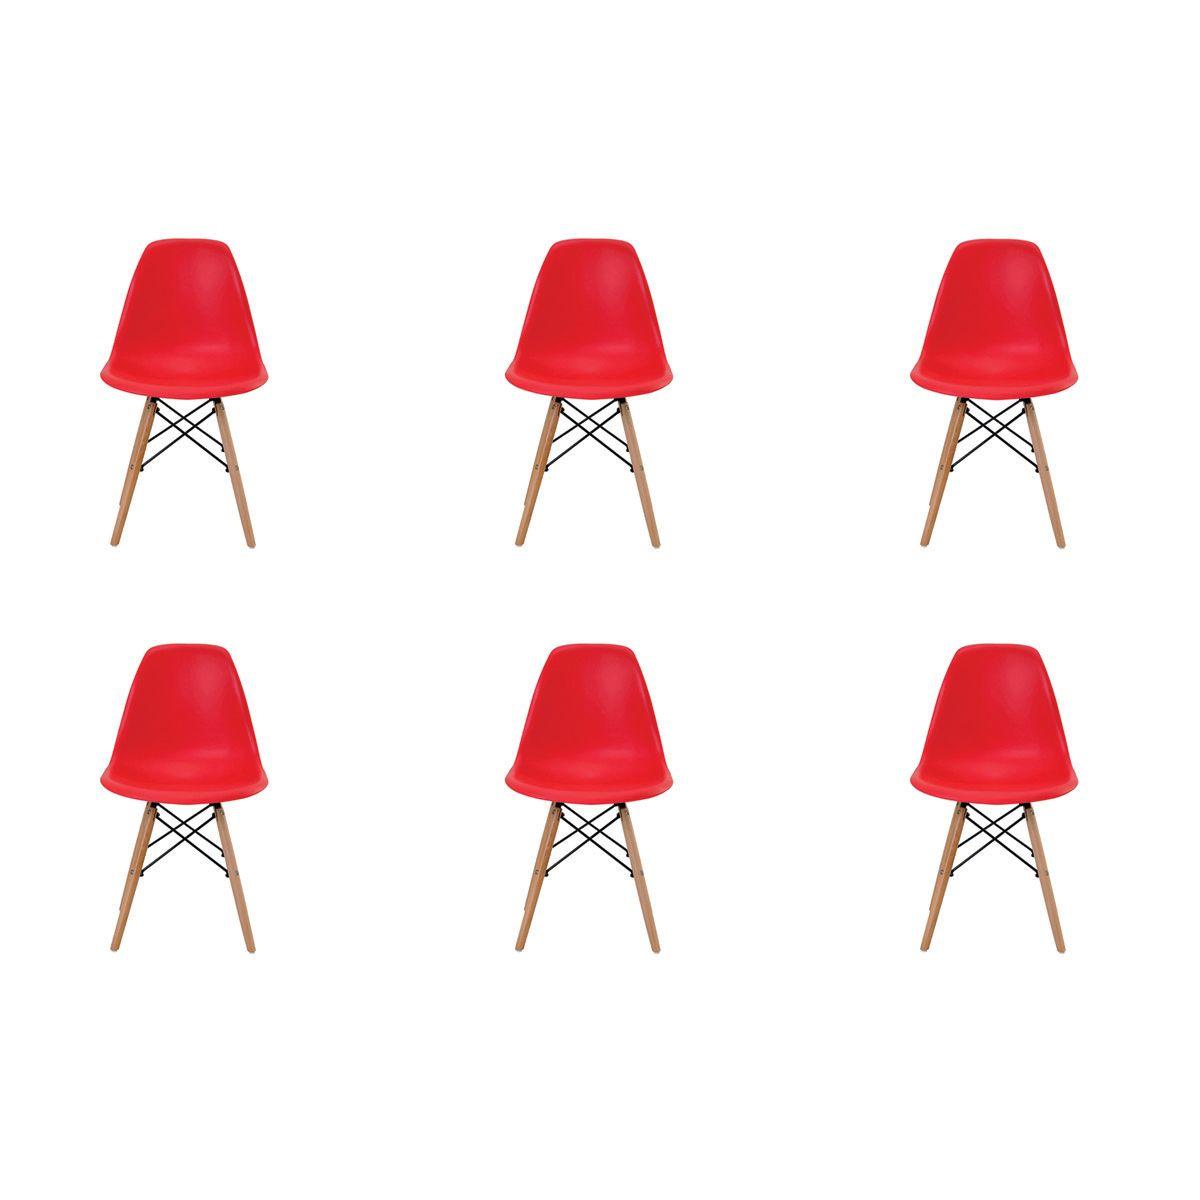 conjunto-6-pecas-cadeira-eames-eiffel-rivatti-sem-braco-pp-base-madeira